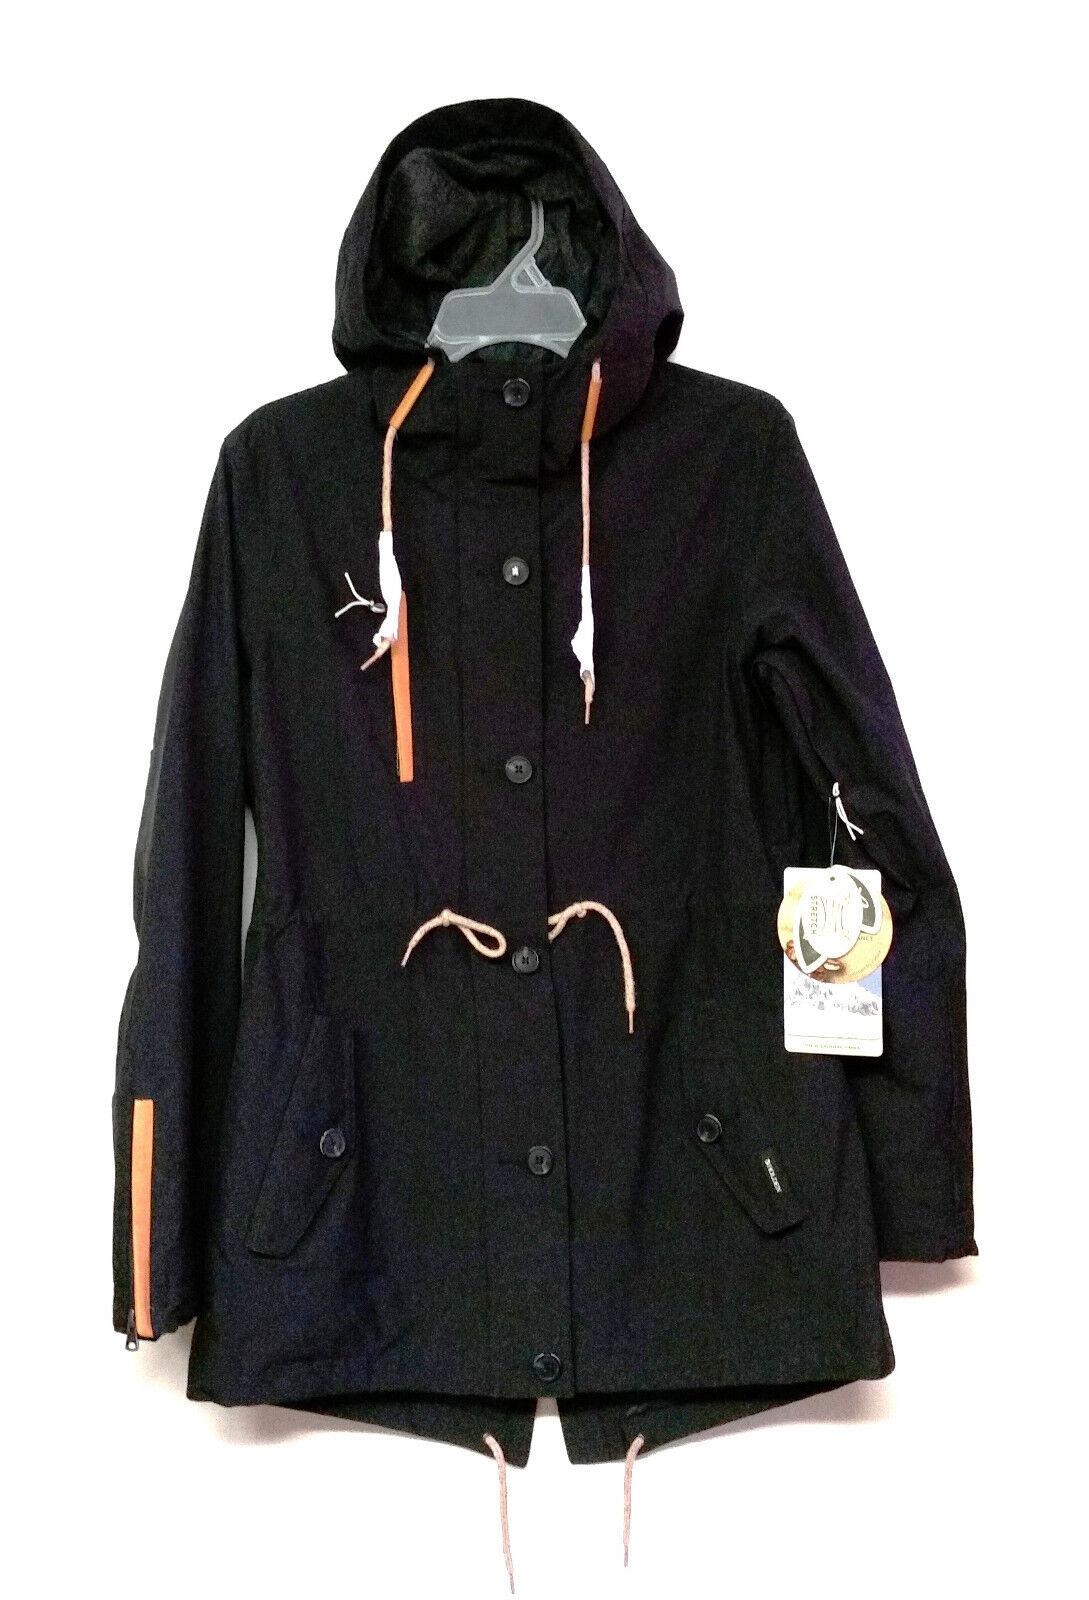 Fishtail Parka para Mujer HOLDEN Nieve Nieve Chaqueta-Negro-XS-Nuevo  con etiquetas  entrega rápida